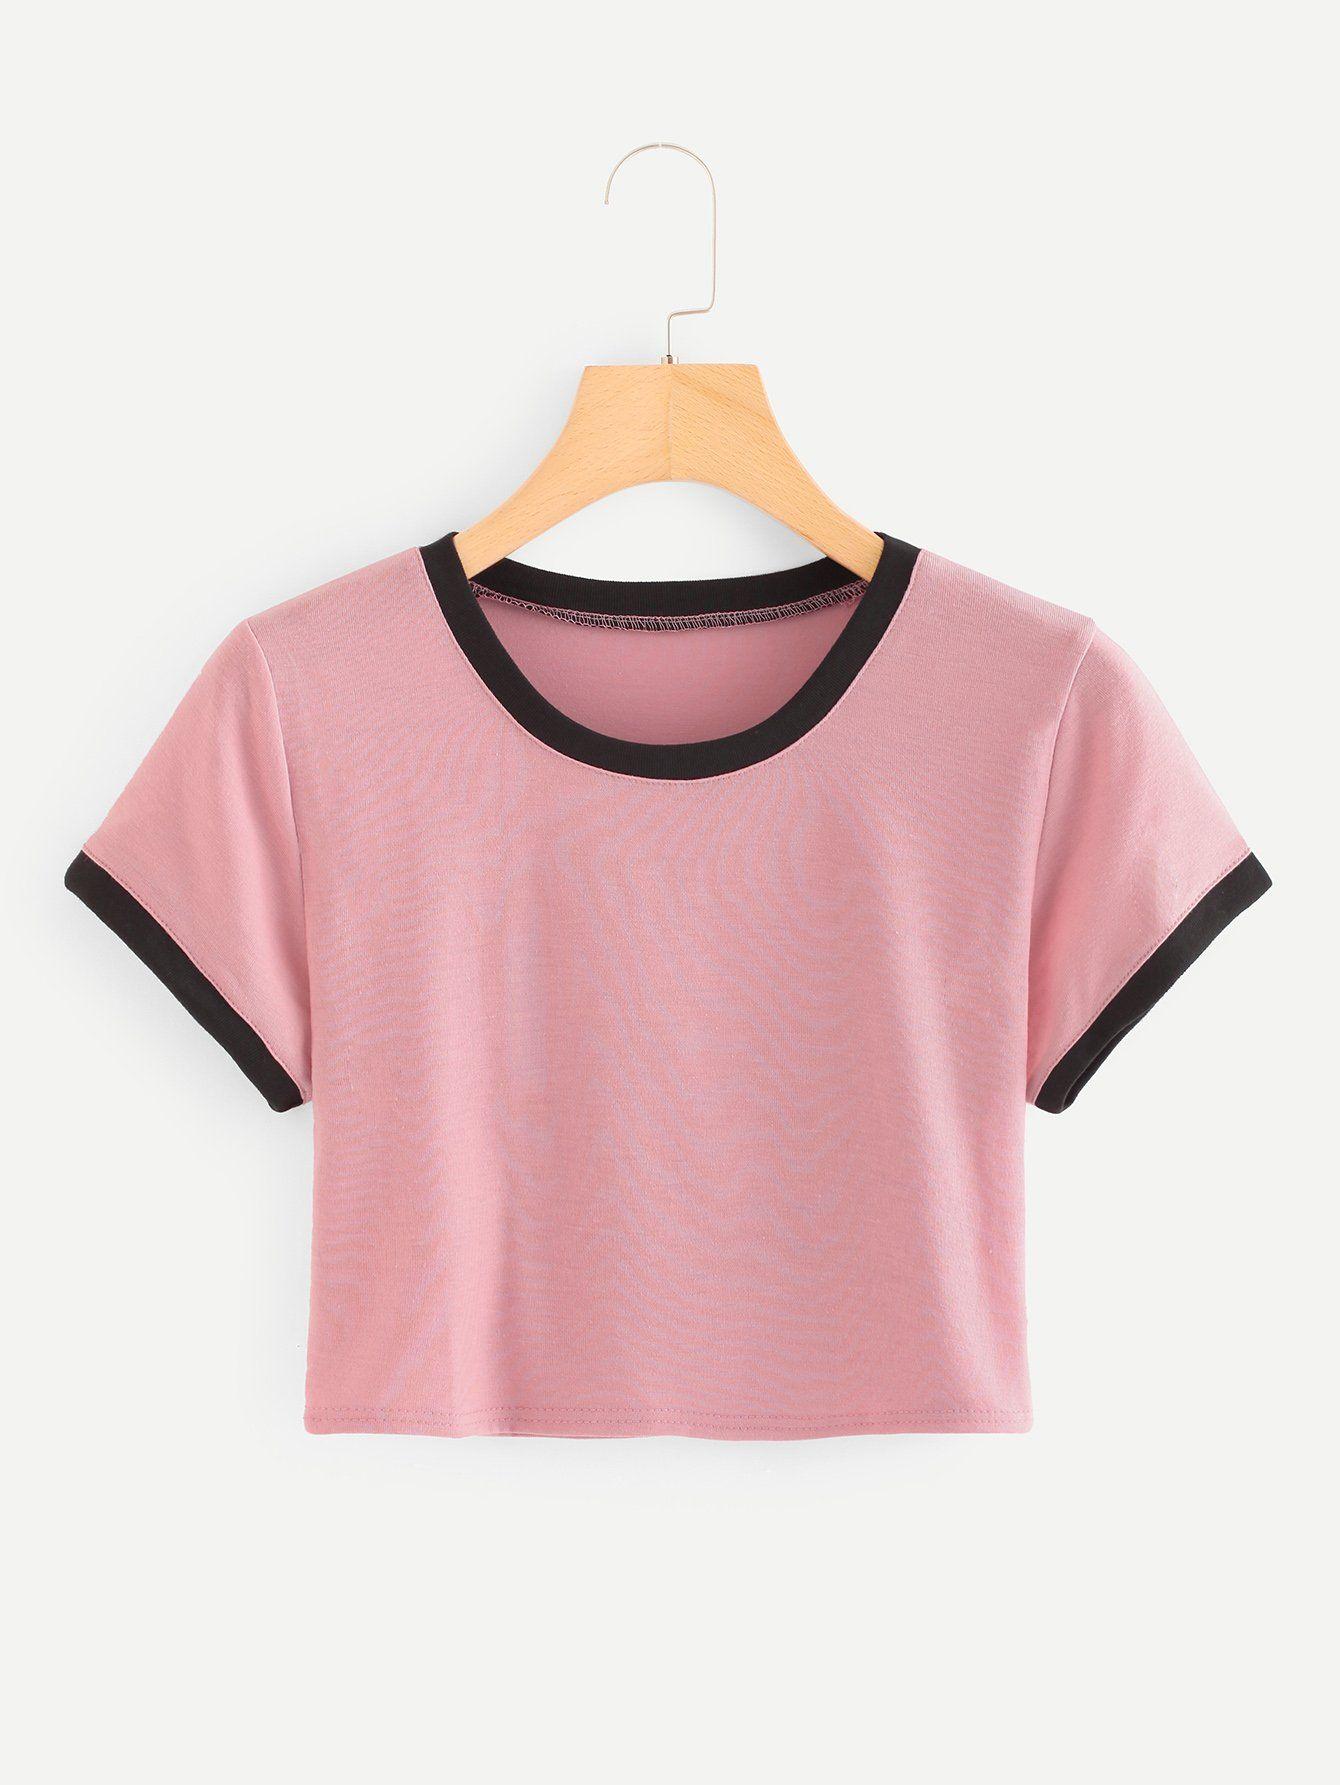 534572d36ea83 Striped Ringer Crop TeeFor Women-romwe. Striped Ringer Crop TeeFor Women-romwe  Belly Shirts